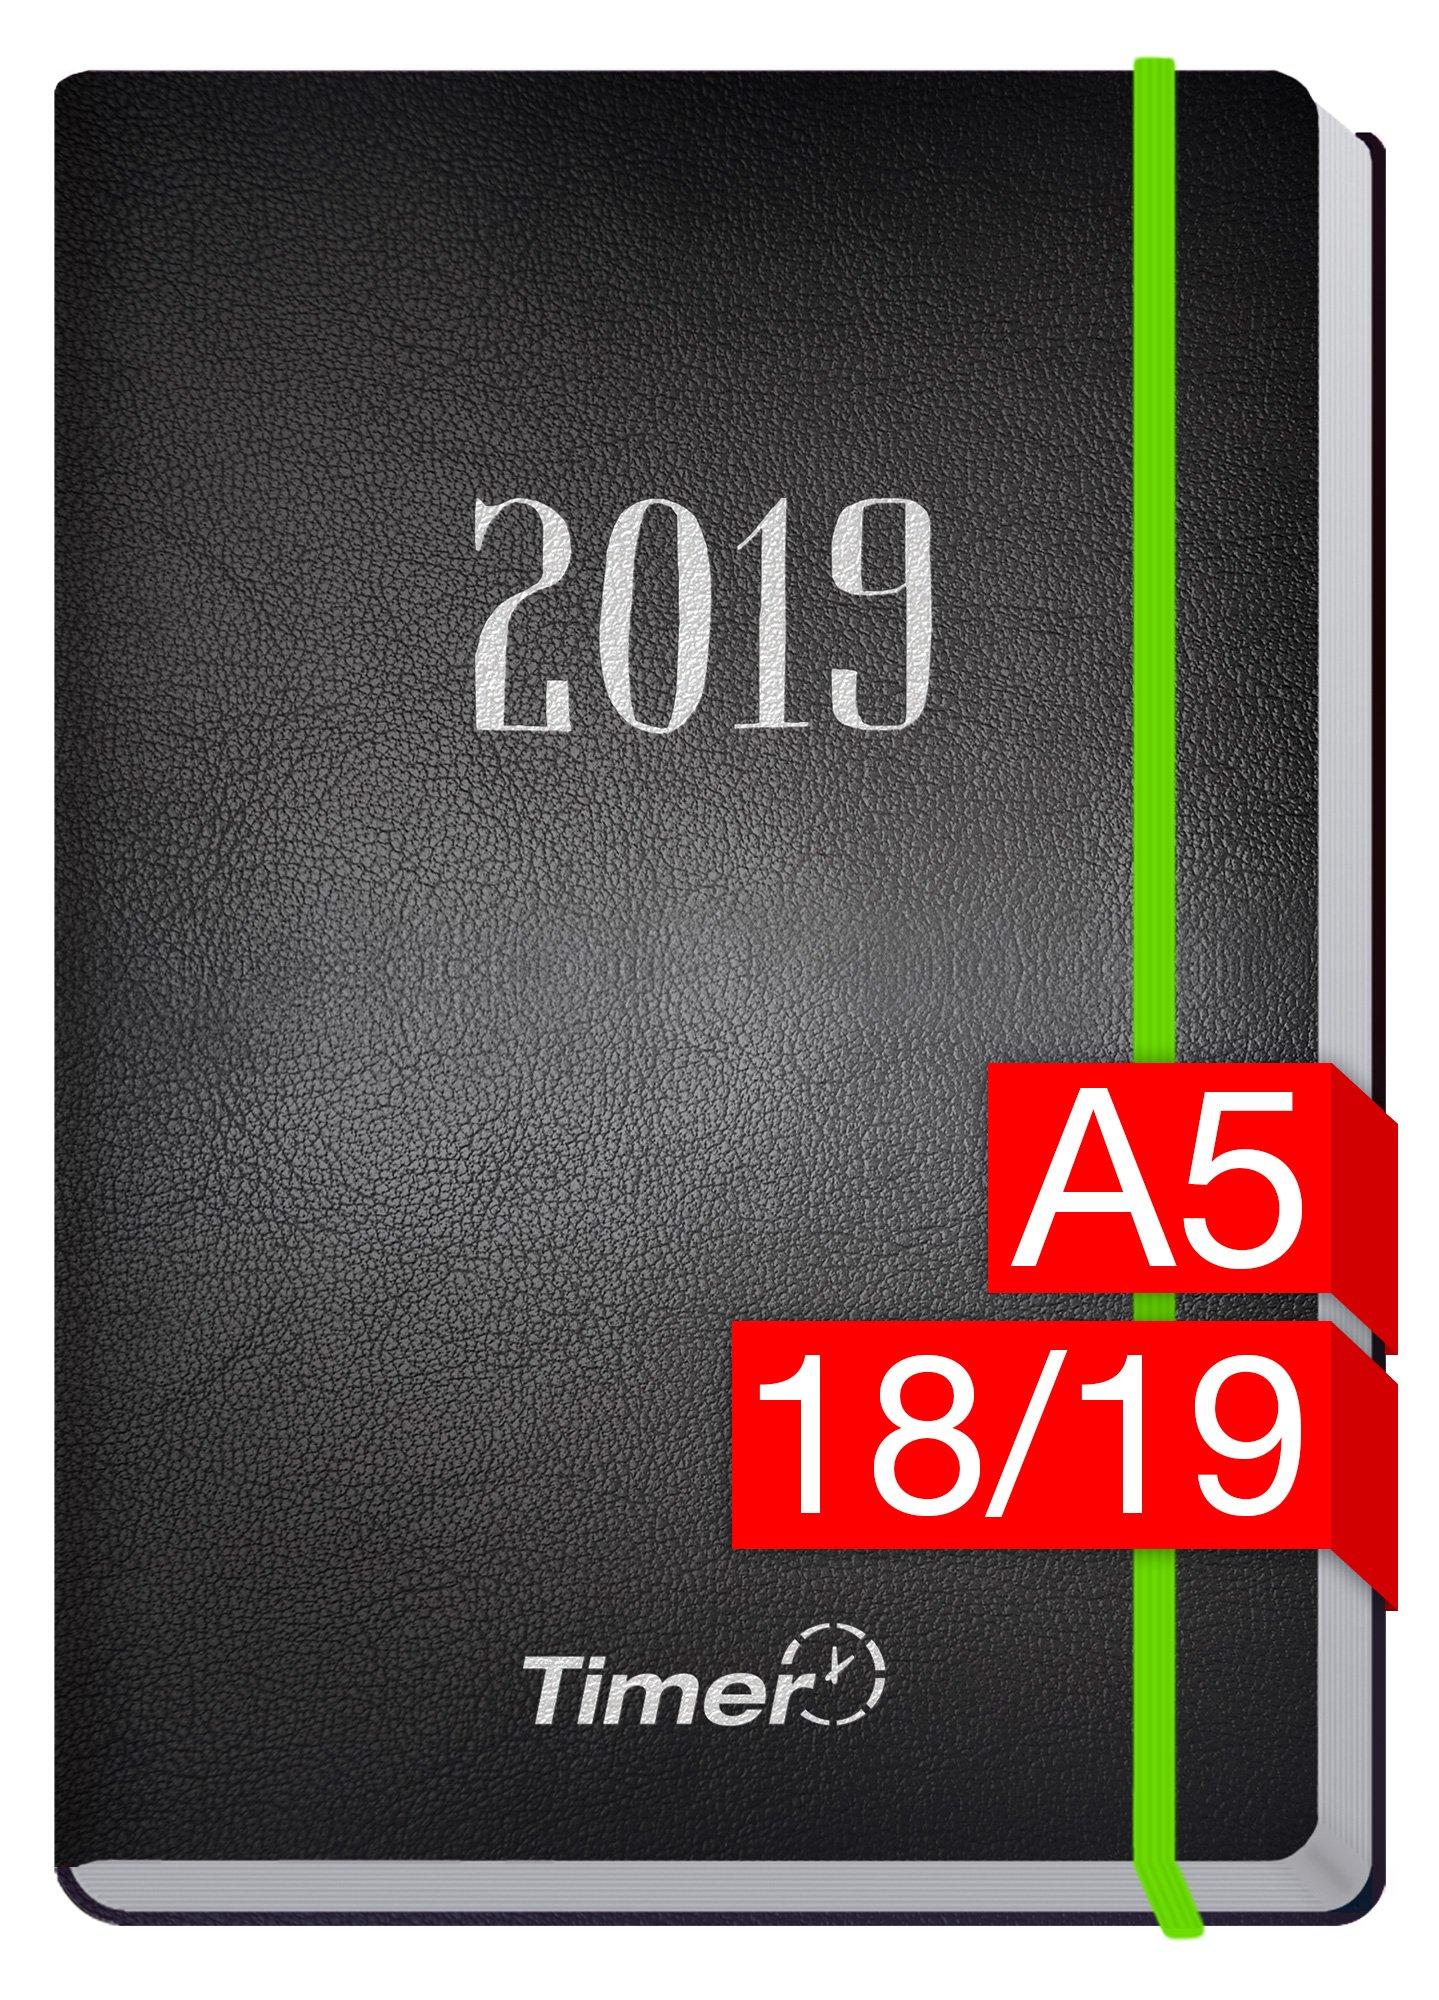 chff-timer-premium-a5-kalender-2018-2019-neon-grn-18-monate-juli-2018-dezember-2019-neon-gummiband-einstecktasche-terminkalender-mit-wochenplaner-organizer-wochenkalender